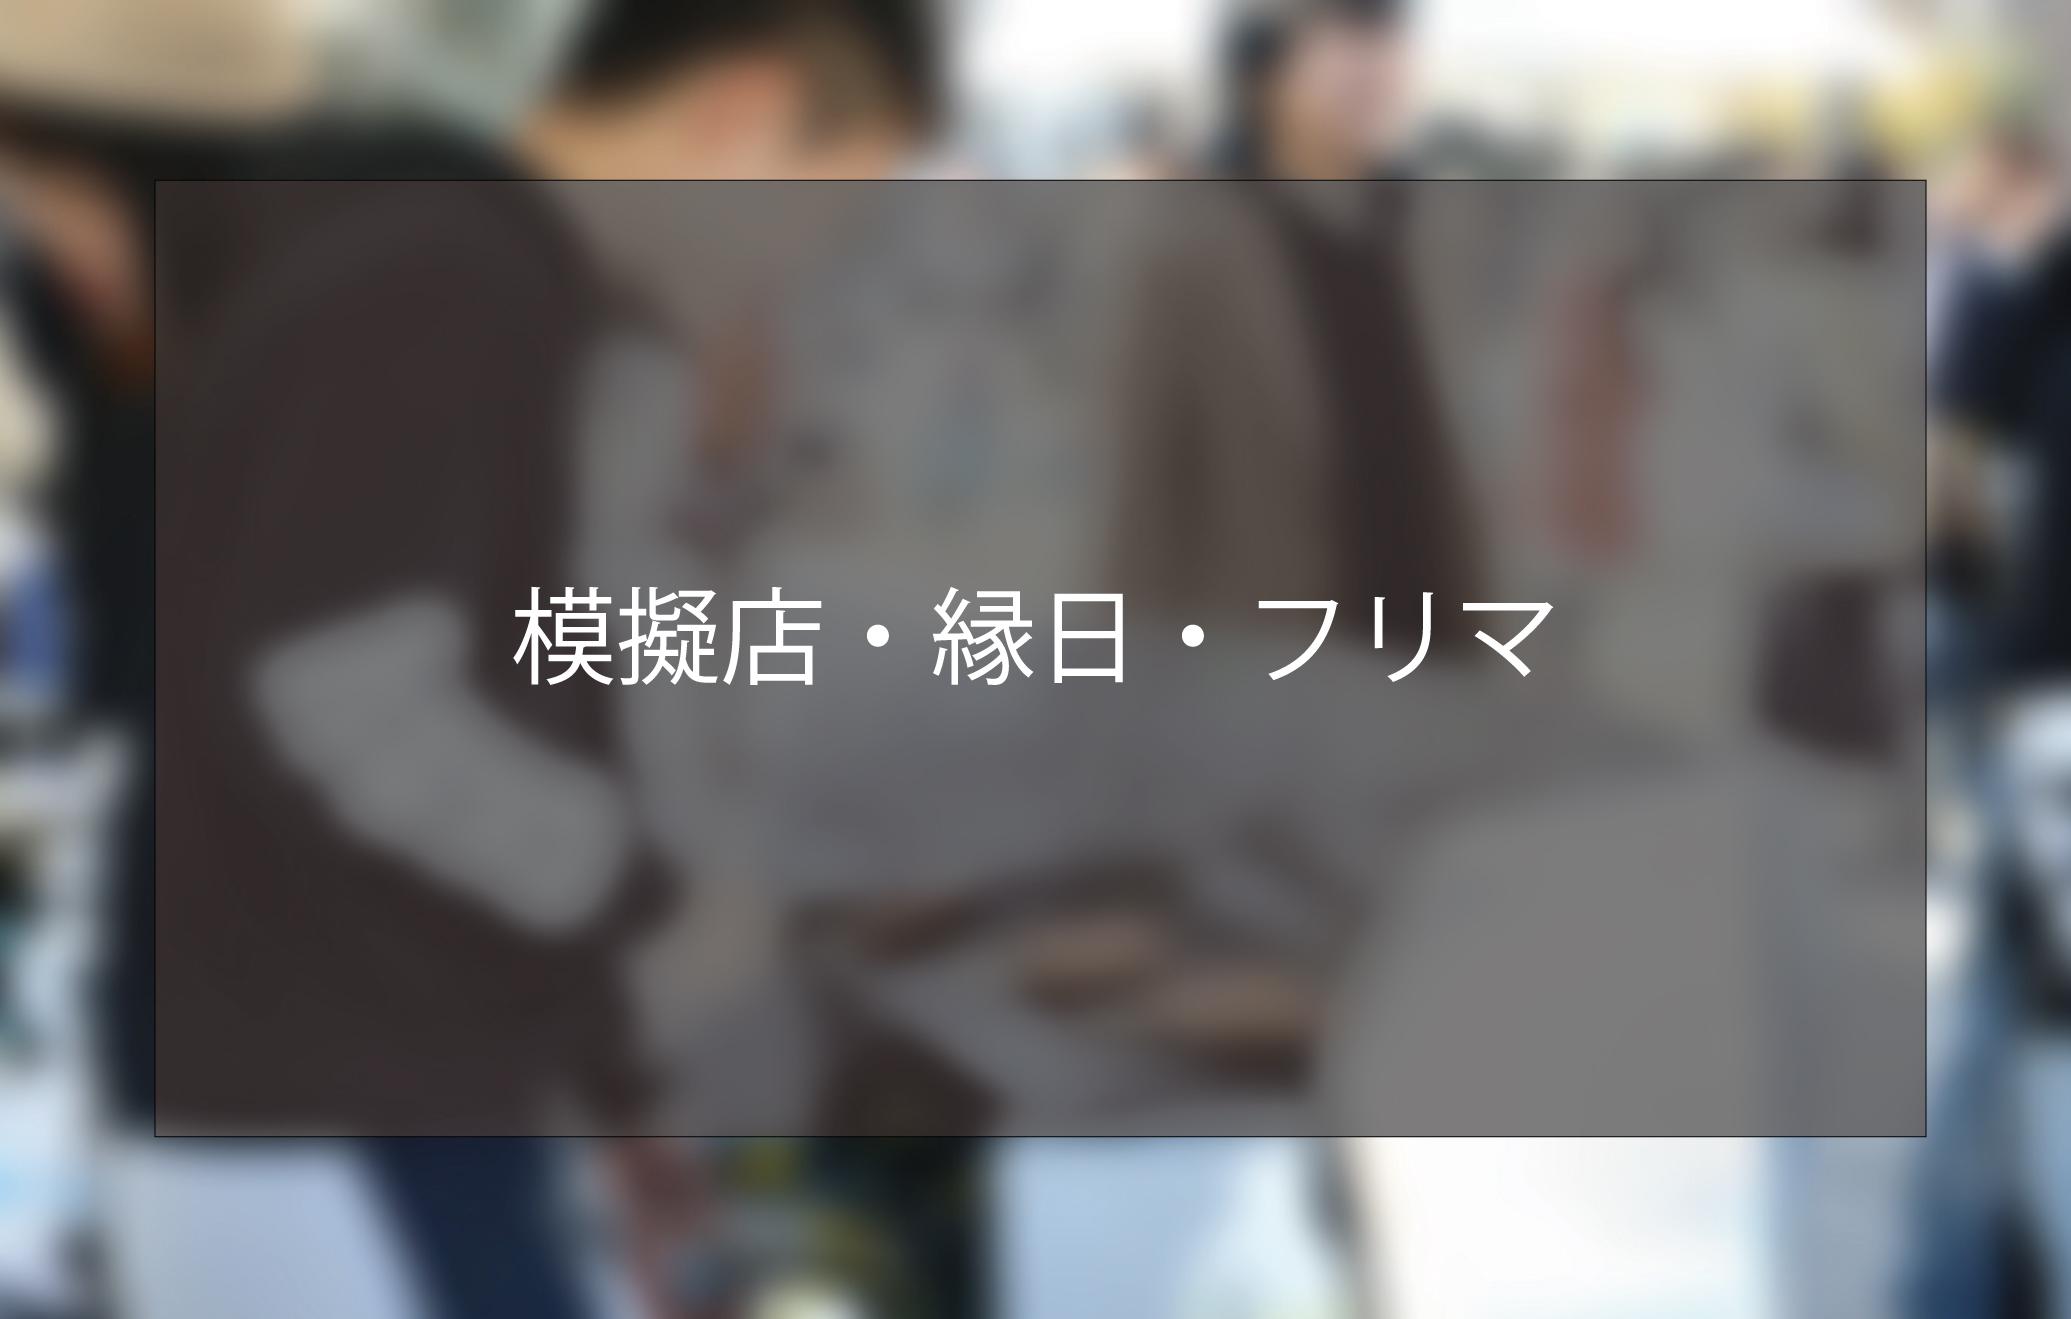 衣笠祭典 模擬店・縁日・フリーマーケット企画